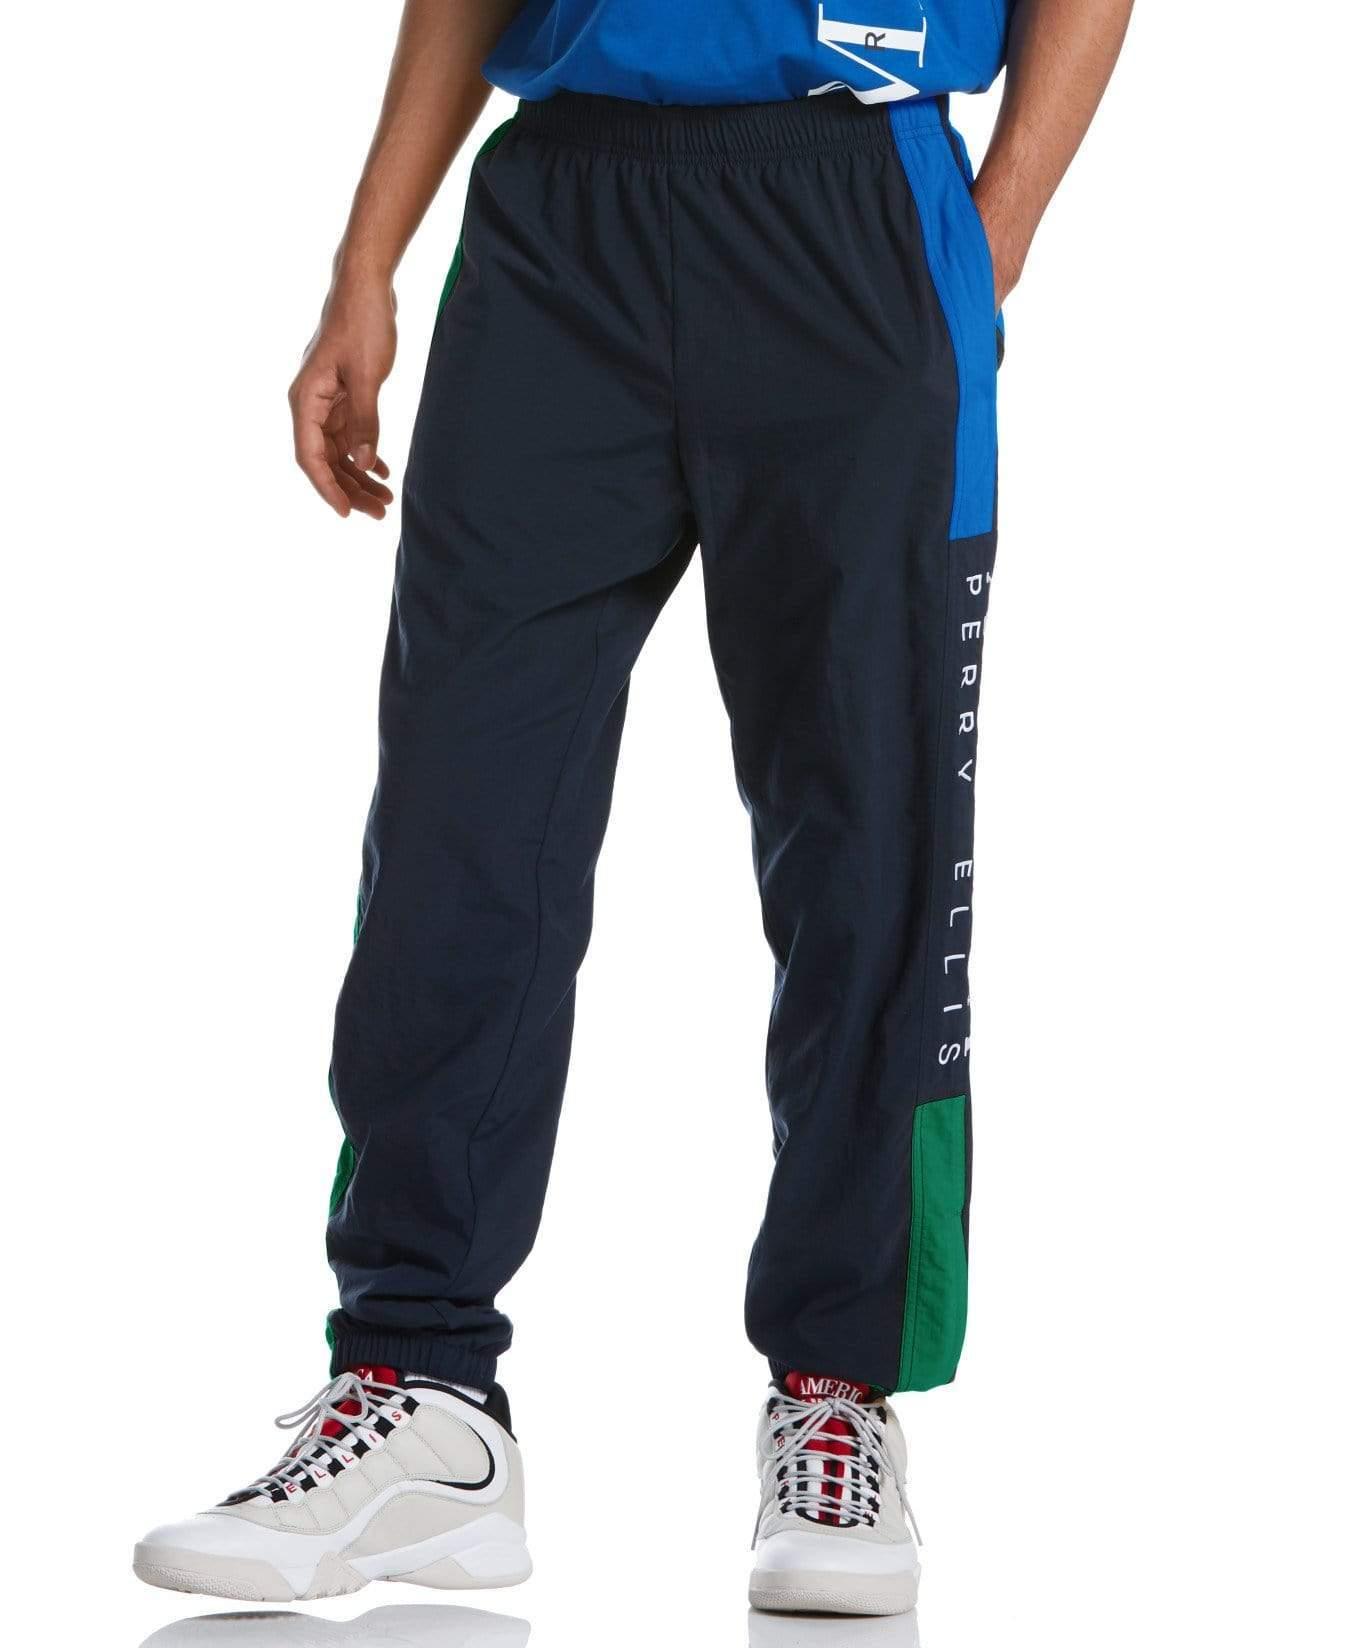 Track_Pants_6_-_Perry_Ellis_best mens track pants